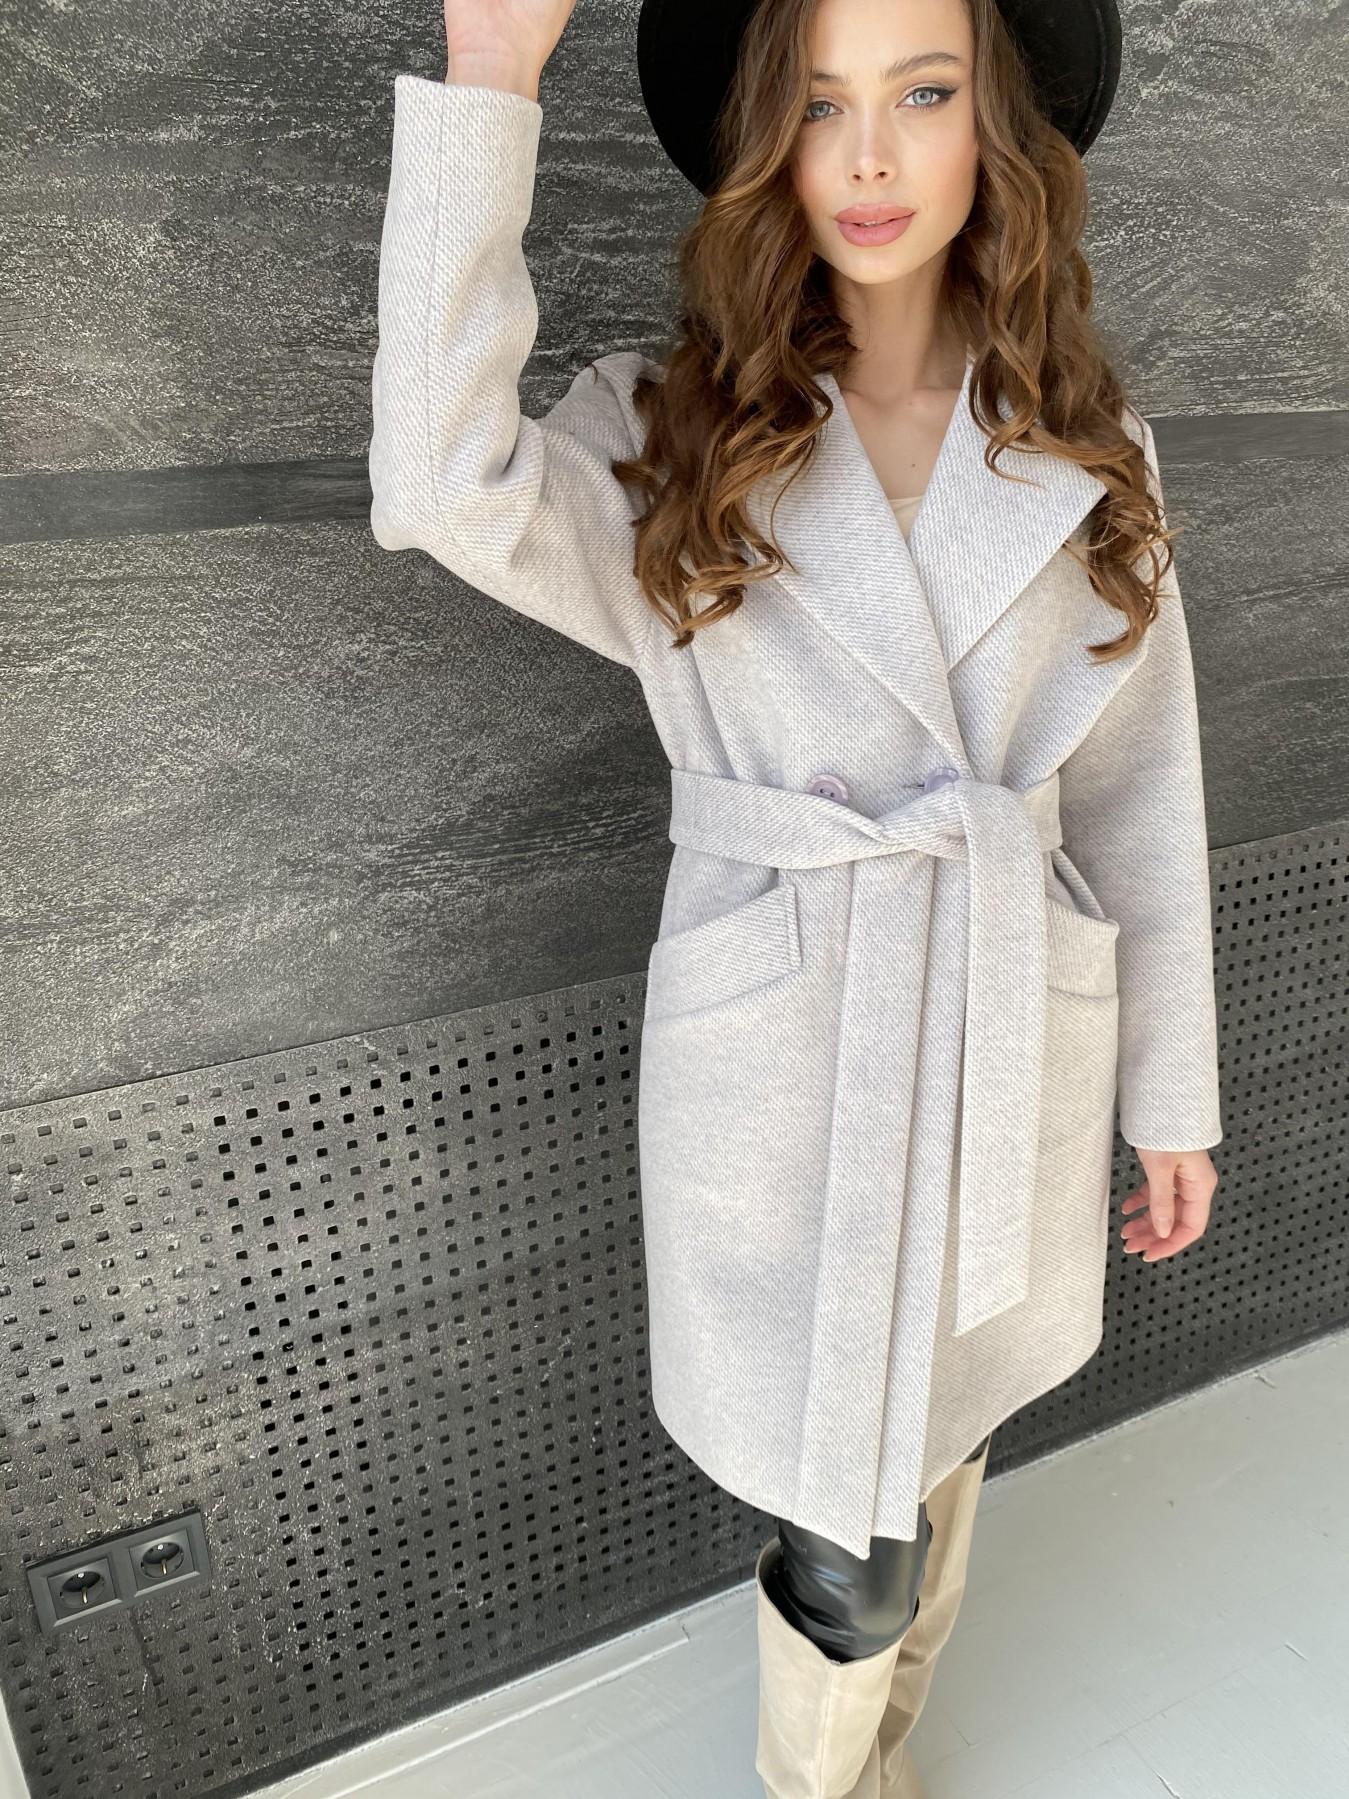 Сенсей Флеш пальто 10662 АРТ. 47187 Цвет: Бежевый 22 - фото 3, интернет магазин tm-modus.ru